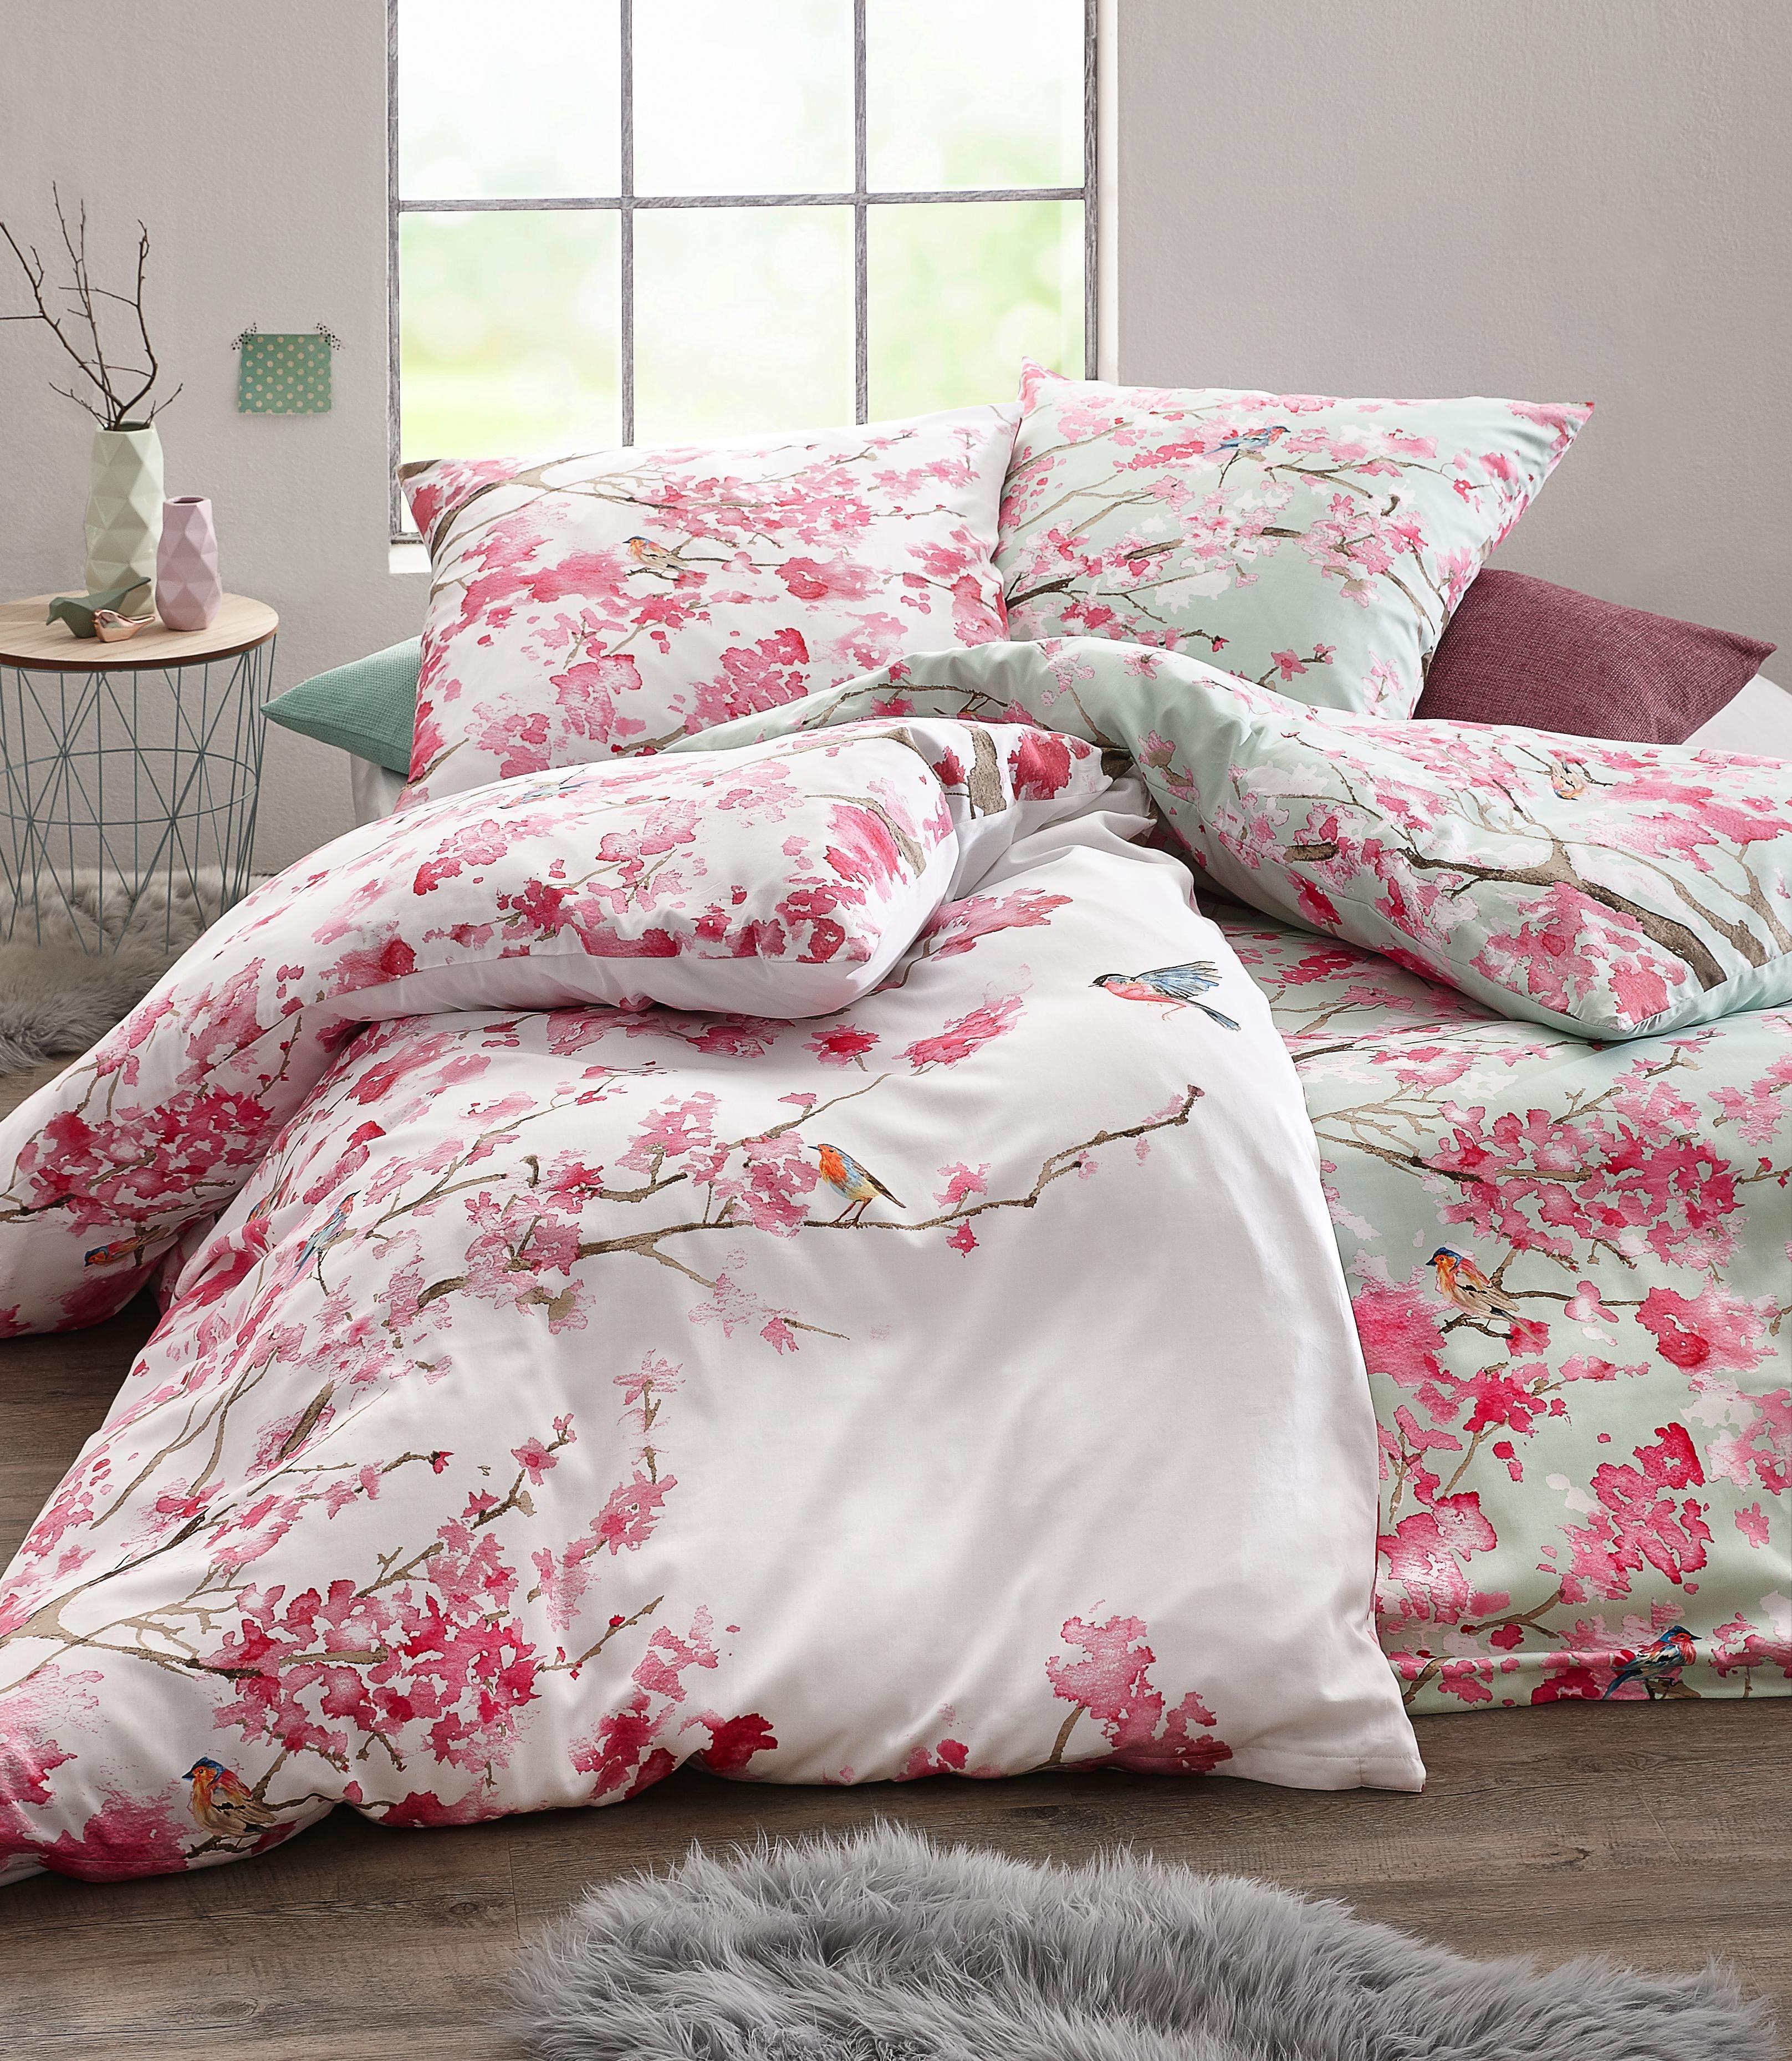 diese gem tliche bettw sche sorgt f r vorzeitige fr hlingsgef hle das exotische muster. Black Bedroom Furniture Sets. Home Design Ideas